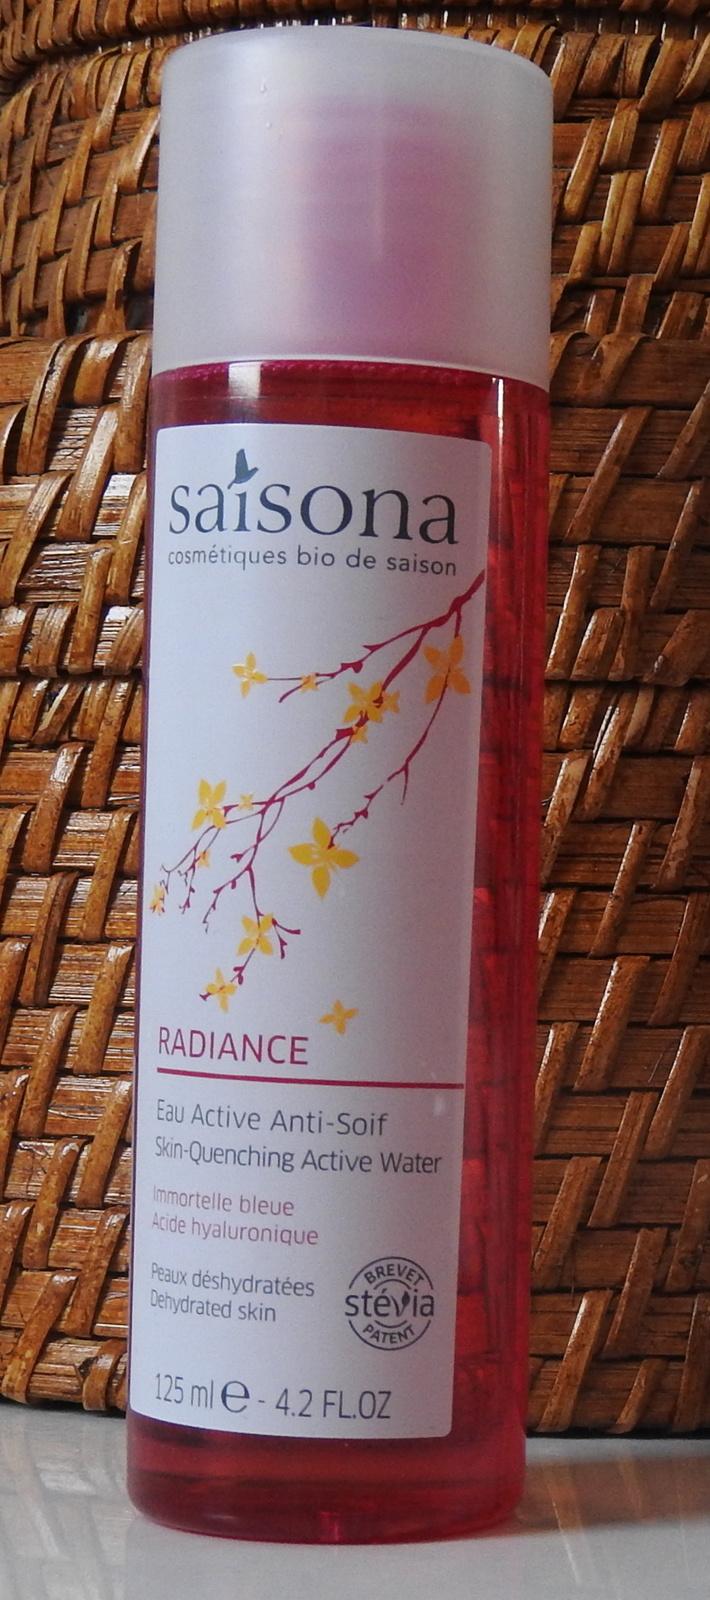 L'eau active et l'émulsion désaltérante de Saisona pour une peau hydratée et vivifiée